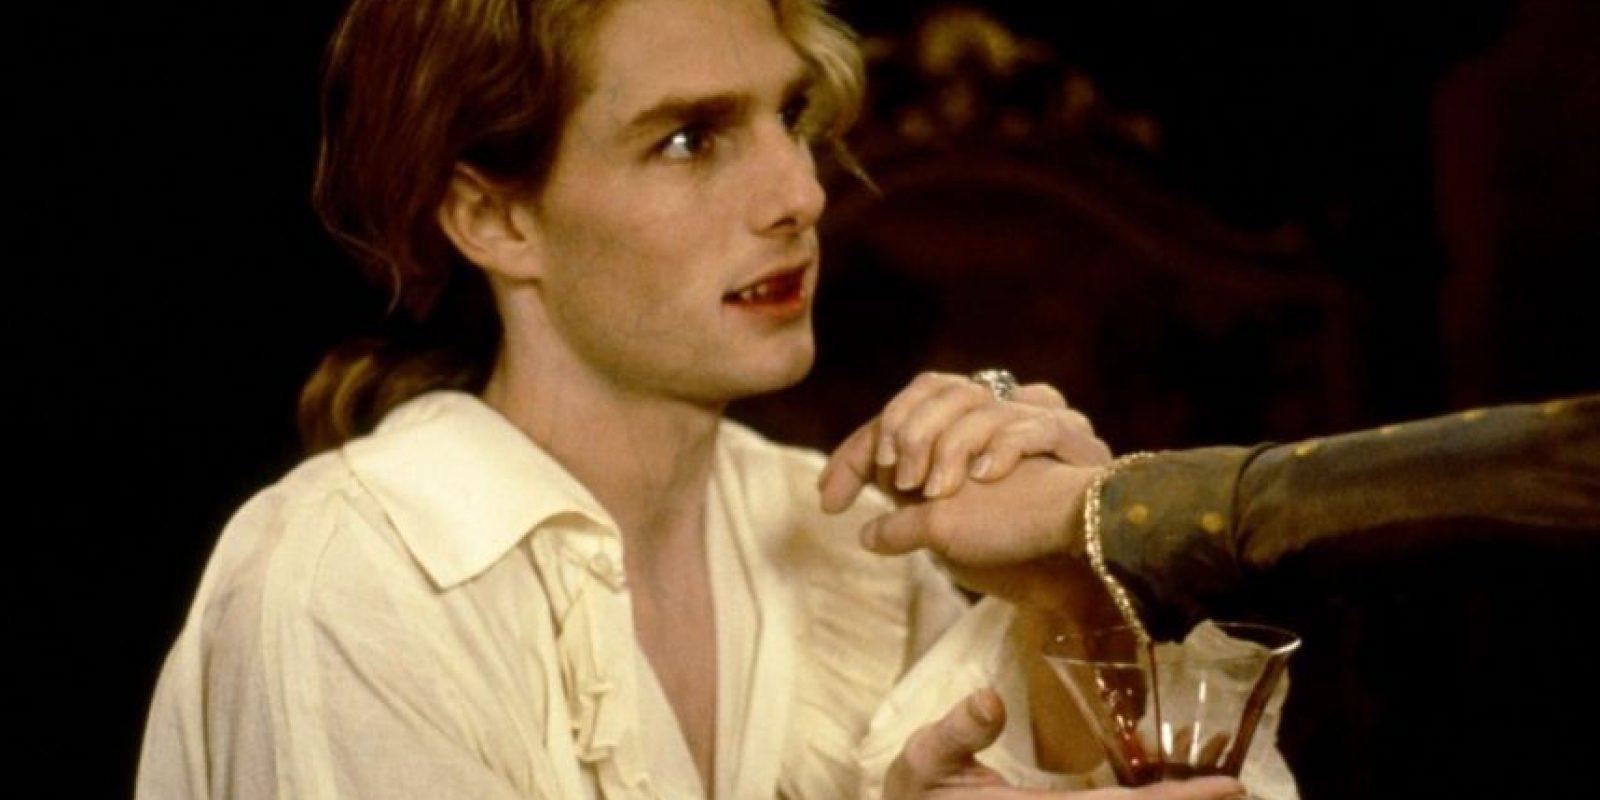 Desde Lestat de Lioncourt podemos decir que comenzó la onda de vampiros un poco más 'sensibles', aunque eso sería erróneo para describir al primer vampiro que hizo de su especie algo sexi. Él es el absoluto protagonista de la saga de Anne Rice llamada 'Crónicas Vampíricas'. Es infantil, manipulador, amoral, lujurioso, bisexual, excéntrico, débil y también despiadado cuando quiere. Ha tenido amantes mortales e inmortales, a los que lastima y por los que sufre. Tom Cruise le dio vida en 1994, en 'Entrevista con el Vampiro', y Stuart Townsend le dio una figura más sensual en 'La Reina de los Condenados'. Foto: Fanpop.